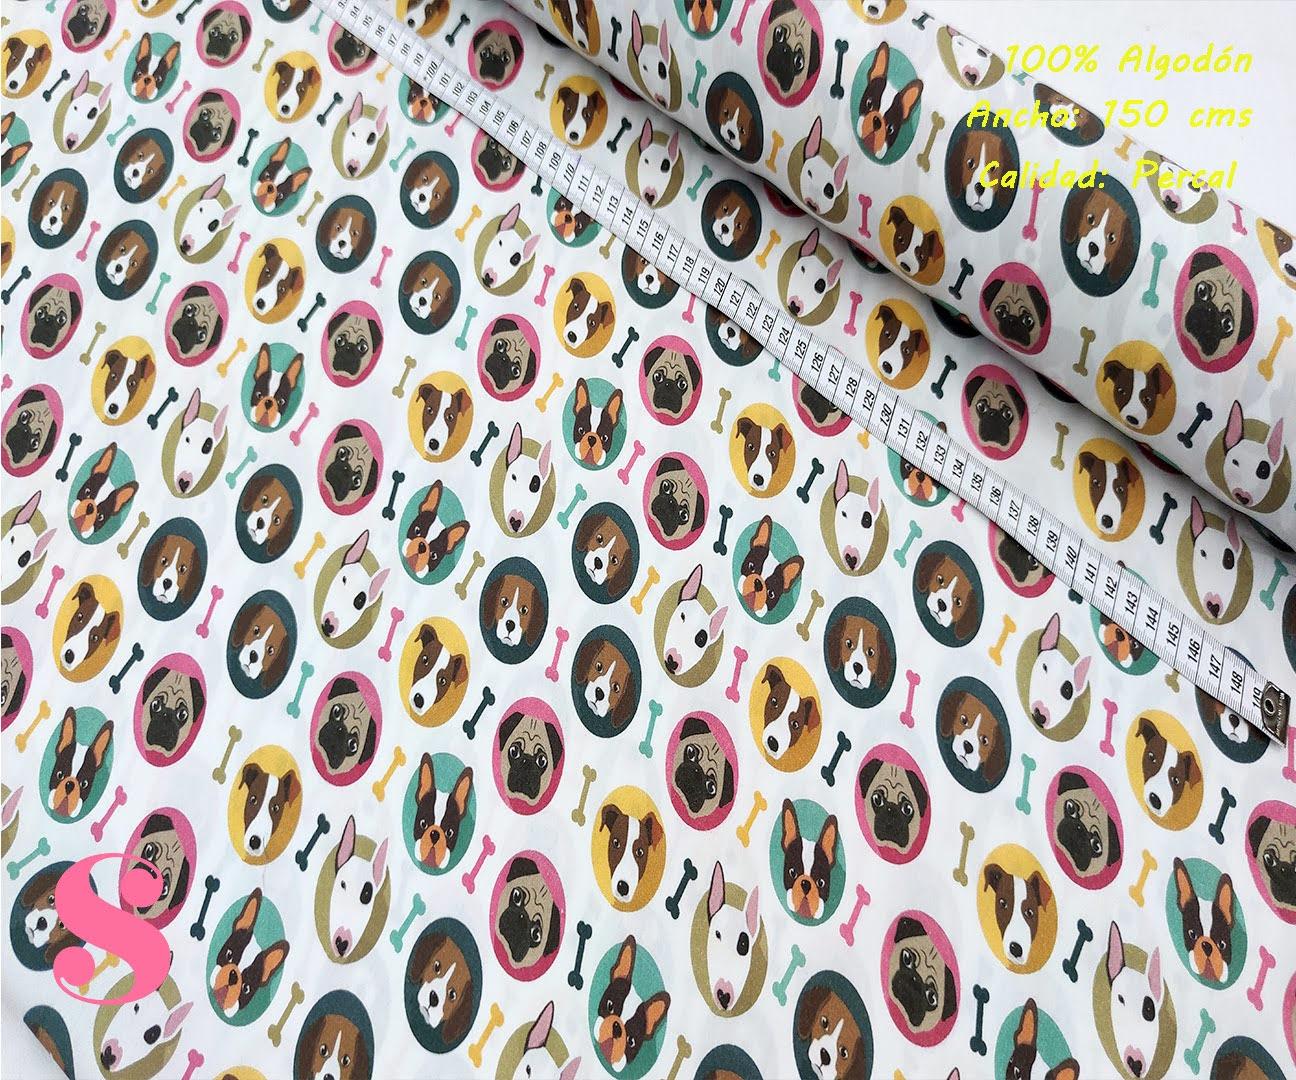 578-perros-stickers-tejidos-algodón-estampado-percal,telas estampadas animales,tejidos estampados mascotas,Tejido Estampado Perros Stikers